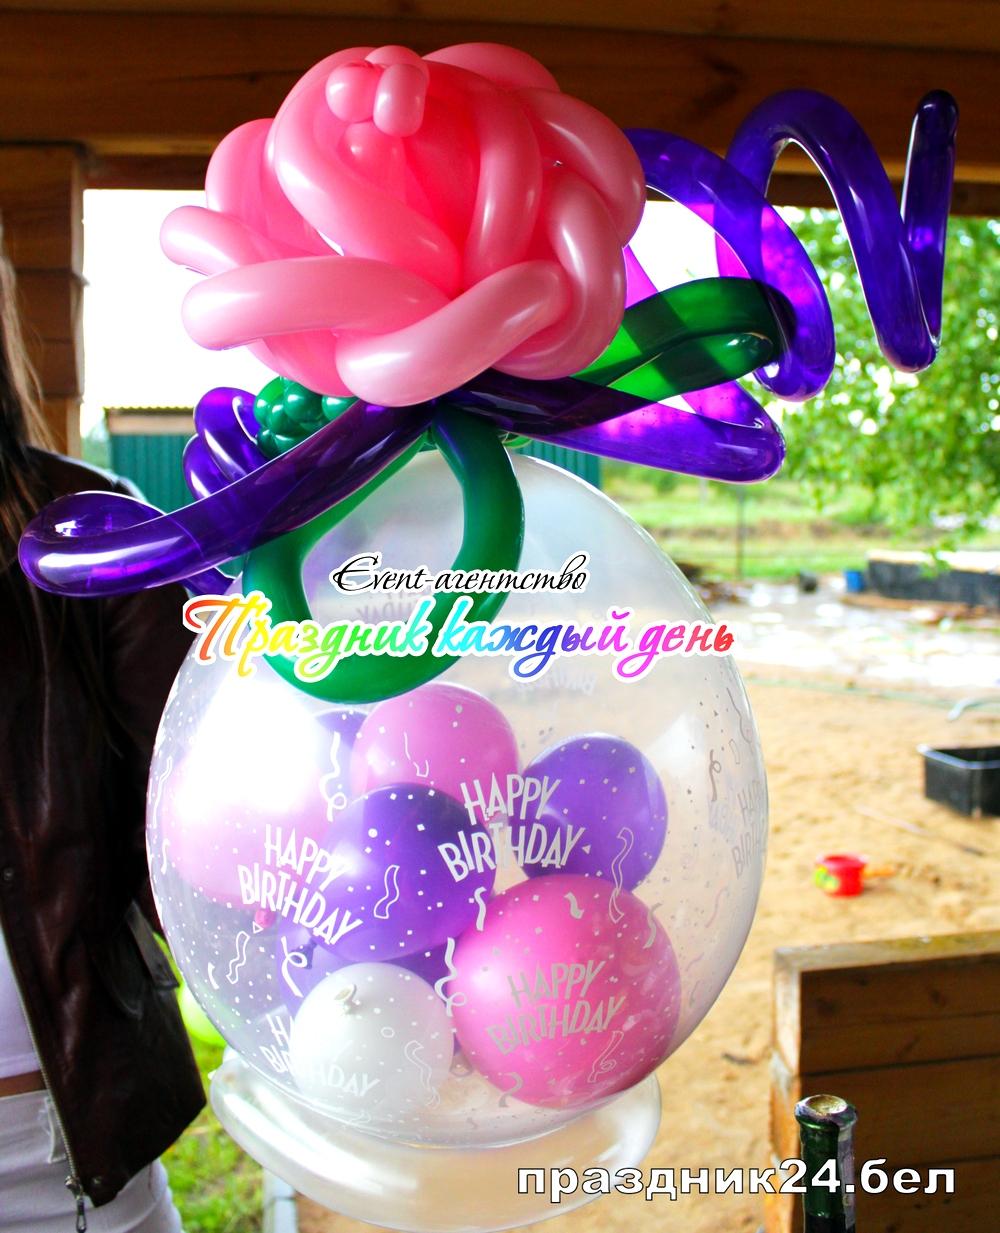 Как сделать шар сюрприз из воздушных шаров. - Своими руками 60